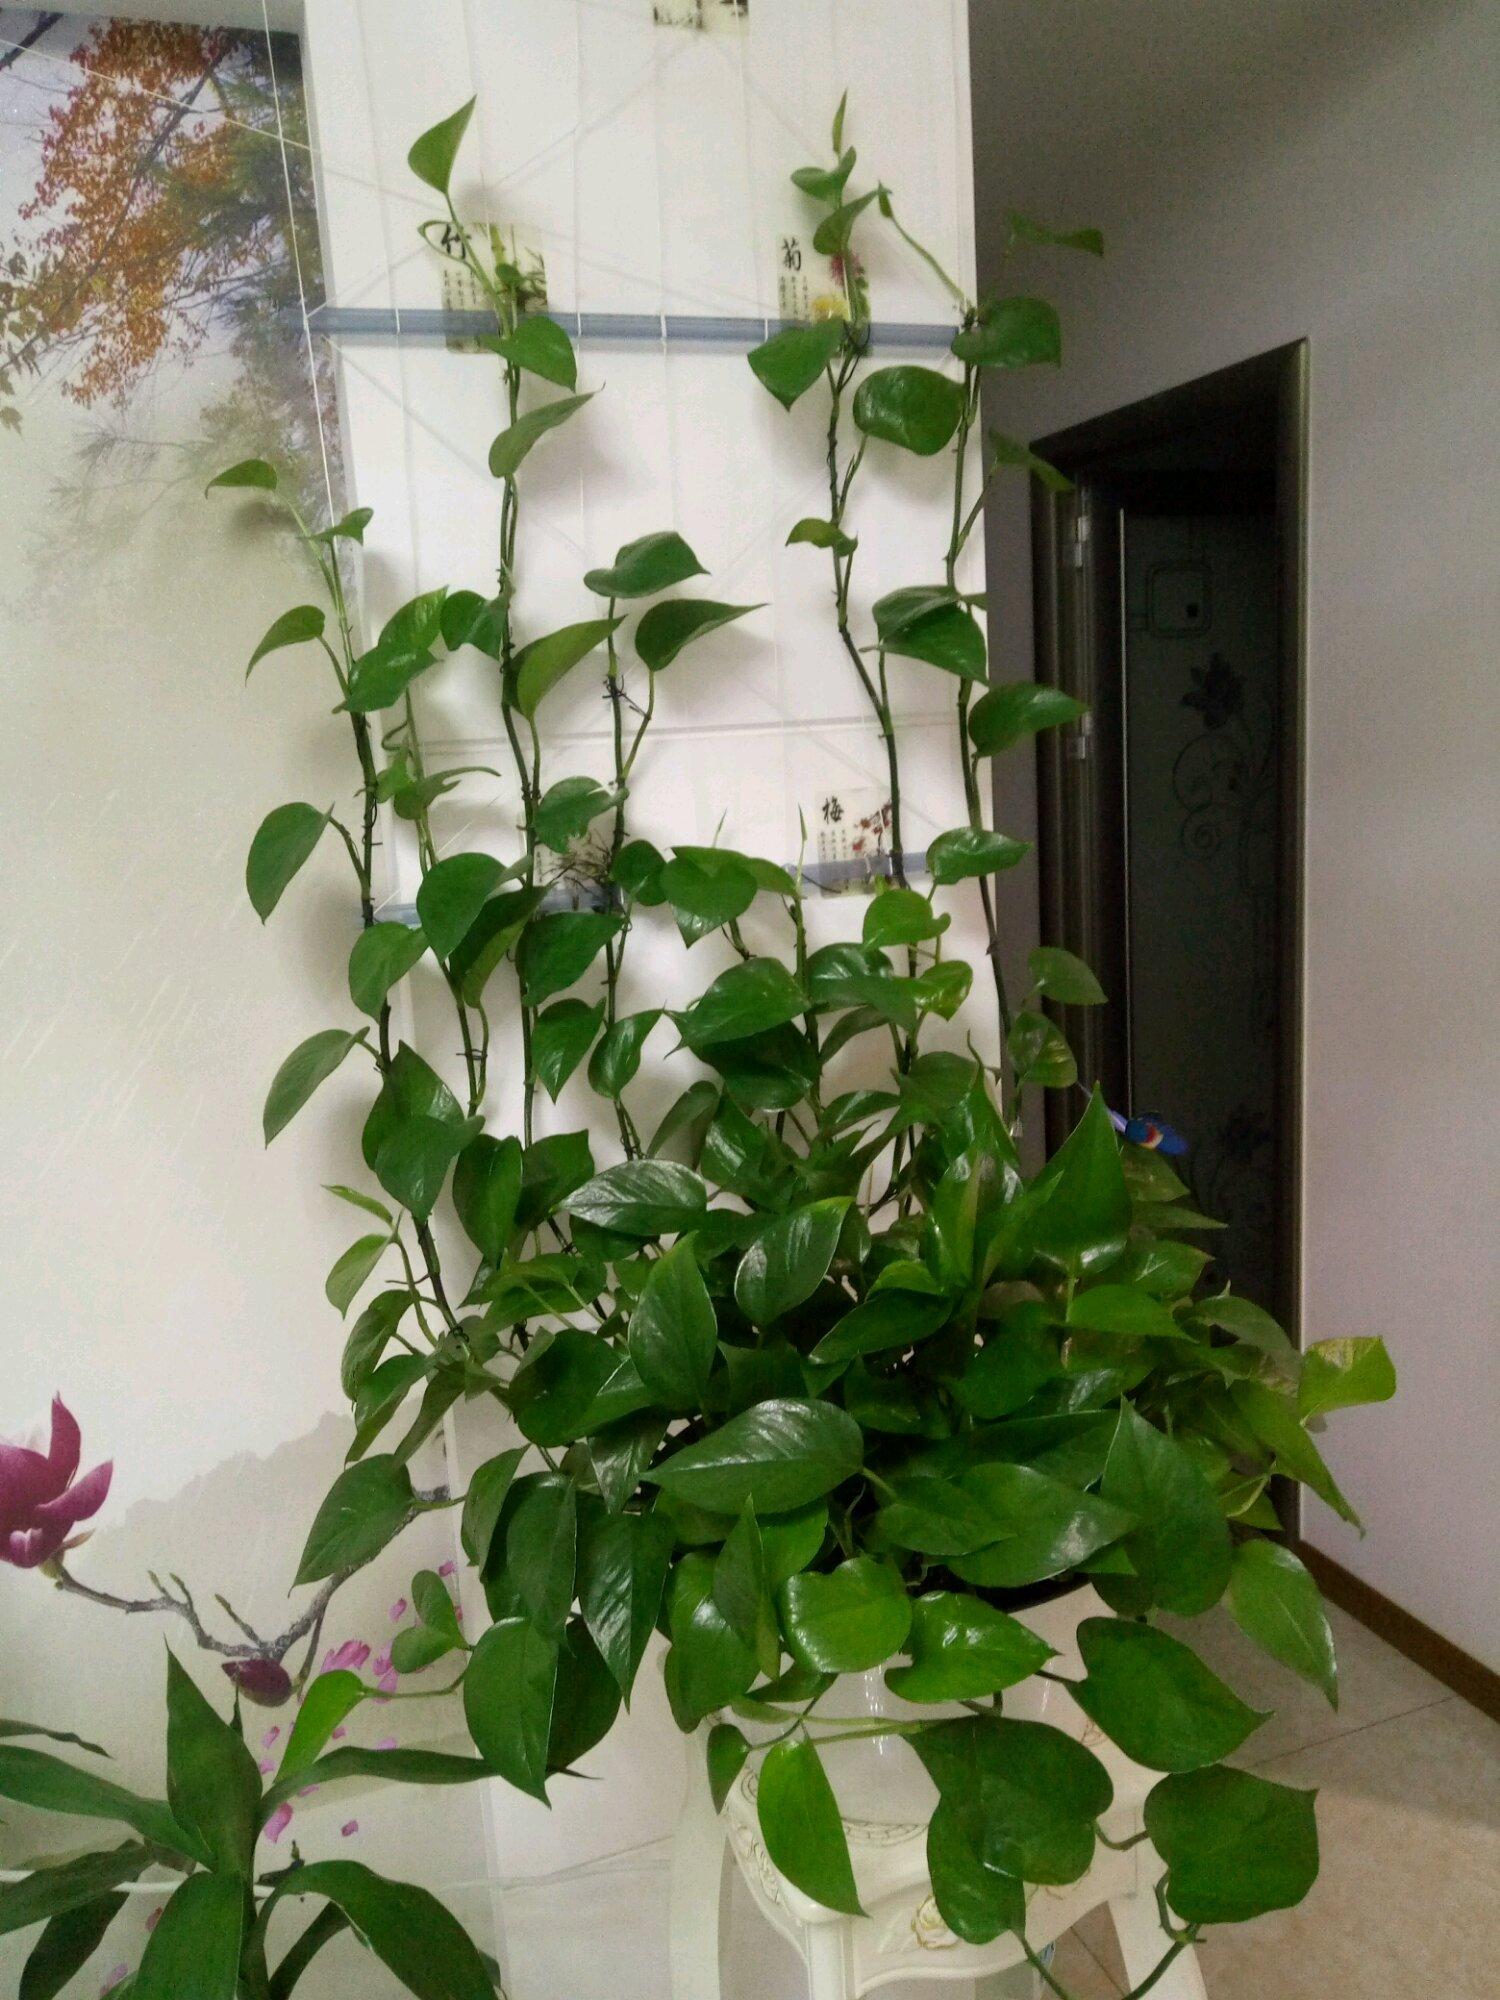 绿萝叶子发黄,做好这4点,叶子绿油油,爬墙速度超快!图片